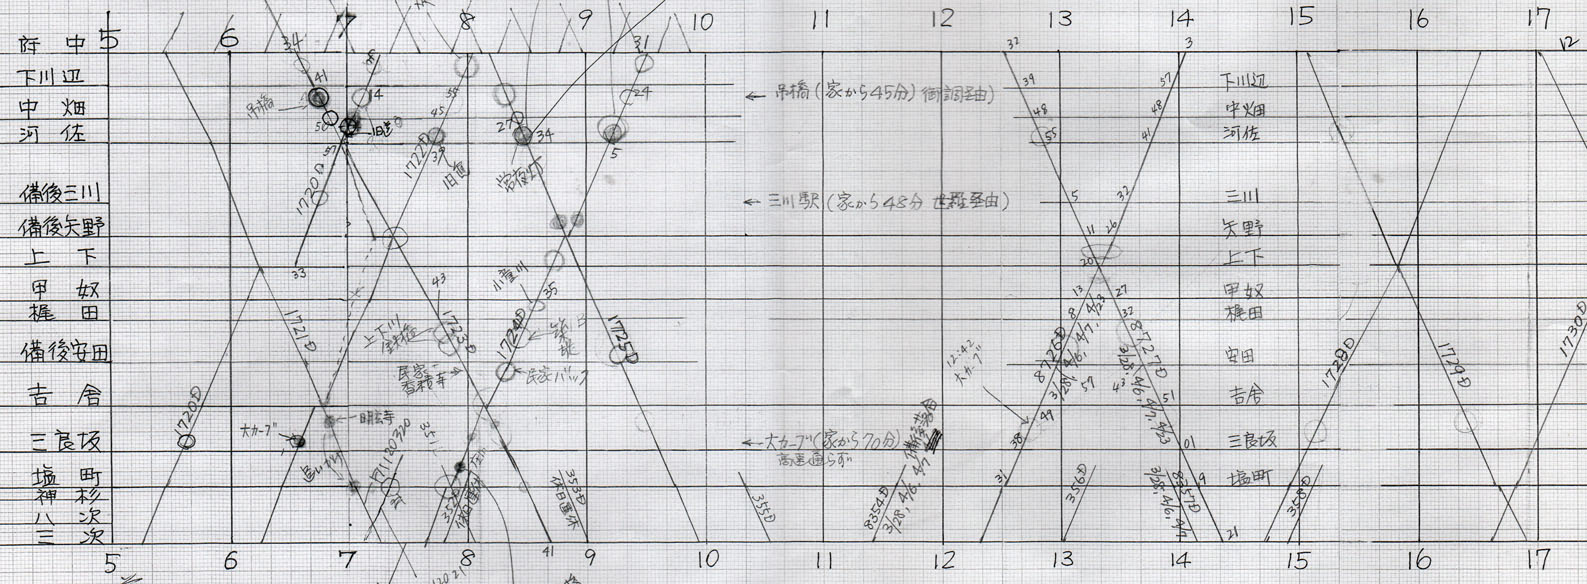 01_三江線・福塩線ダイヤグラム_100